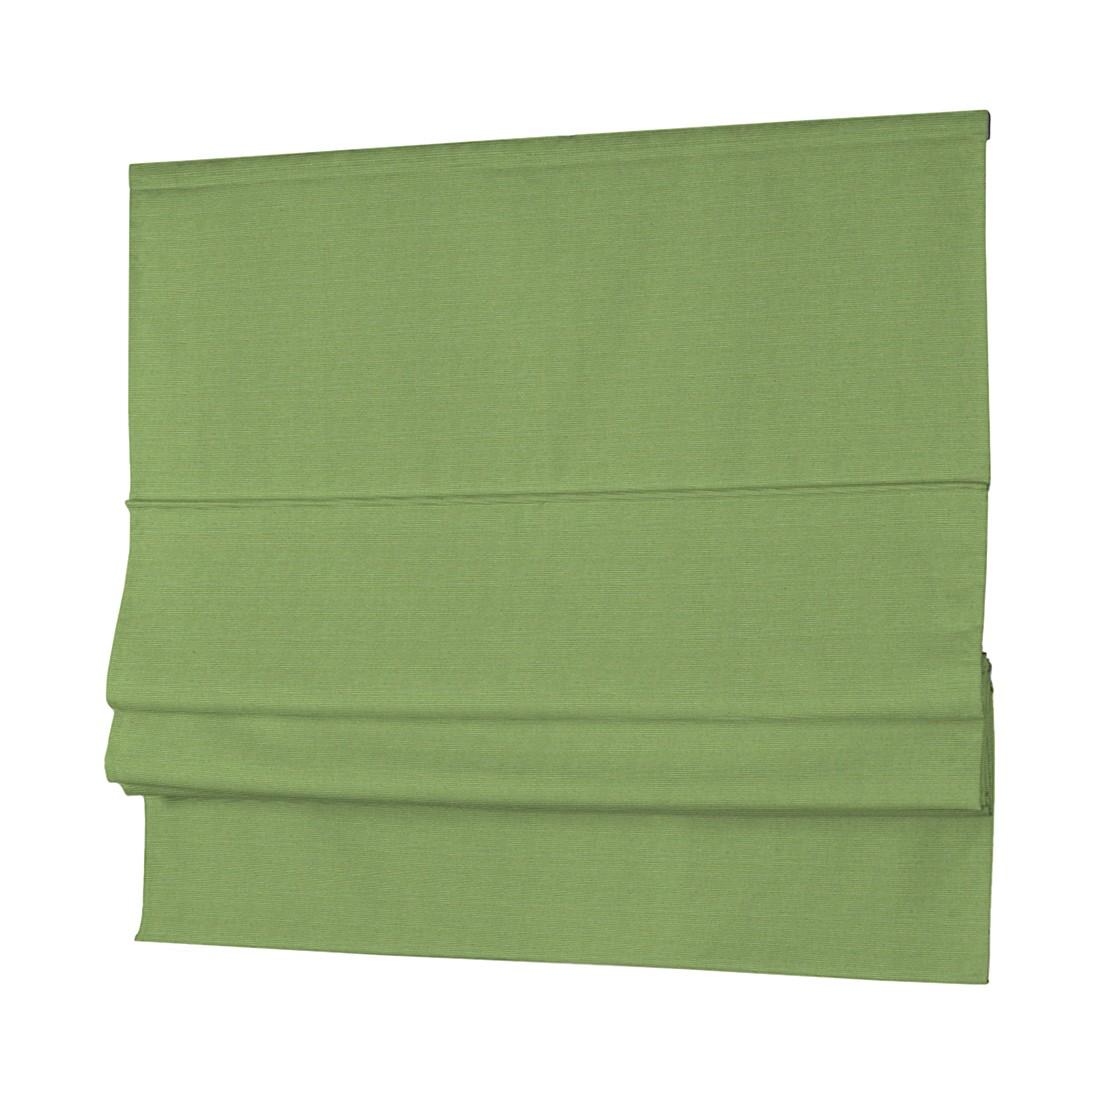 Raffrollo Atago – Hellgrün – 80 x 170 cm, Dekoria günstig online kaufen